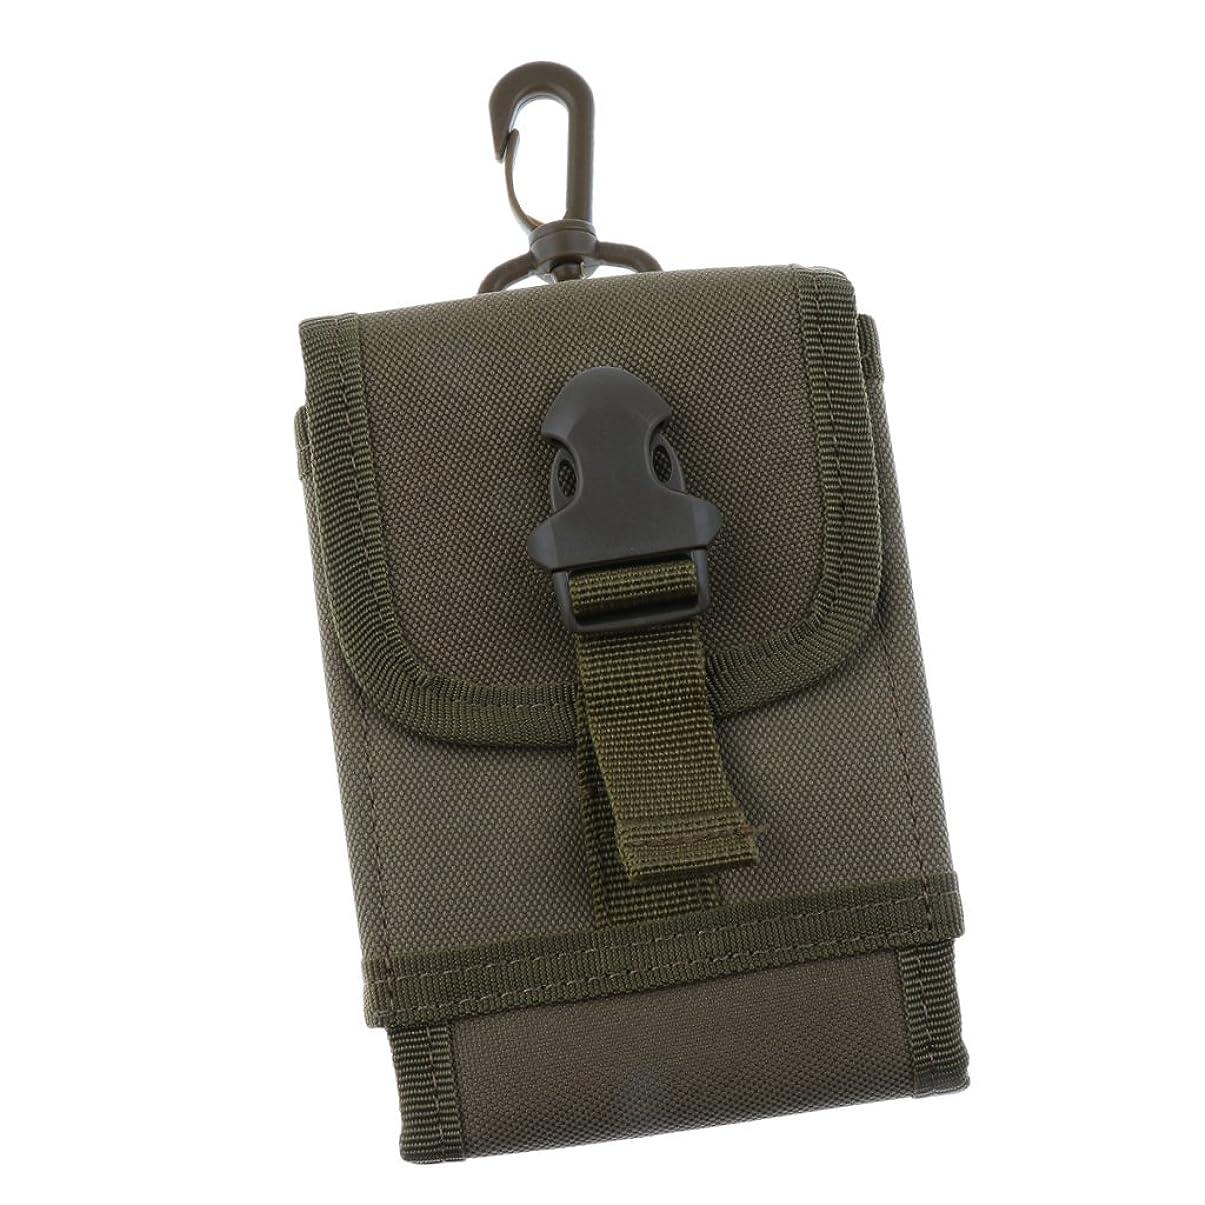 導入する咽頭悪い【ノーブランド品】 防水オックスフォード生地 戦術的 バッグ 携帯電話 ベルト ループ フック ケース ポーチ ホルスター 3色選べる